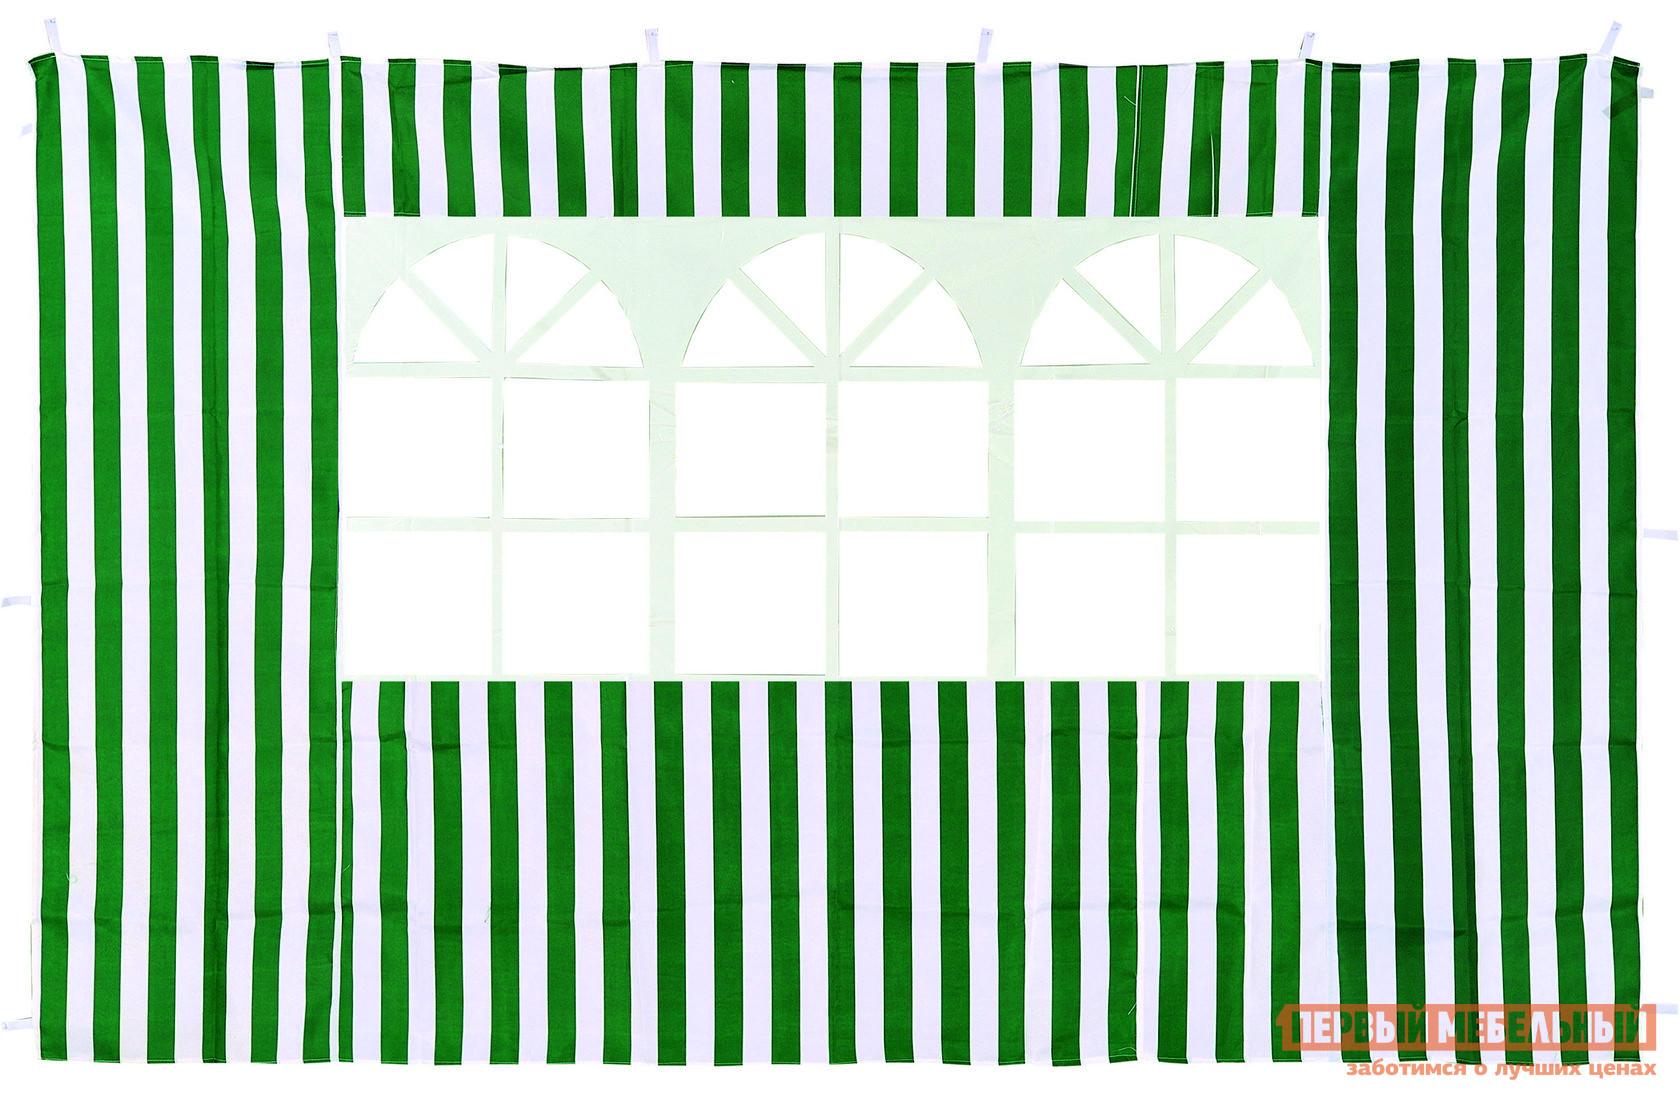 Аксессуар Green Glade Стенка с окном для садового тента Зеленый от Купистол